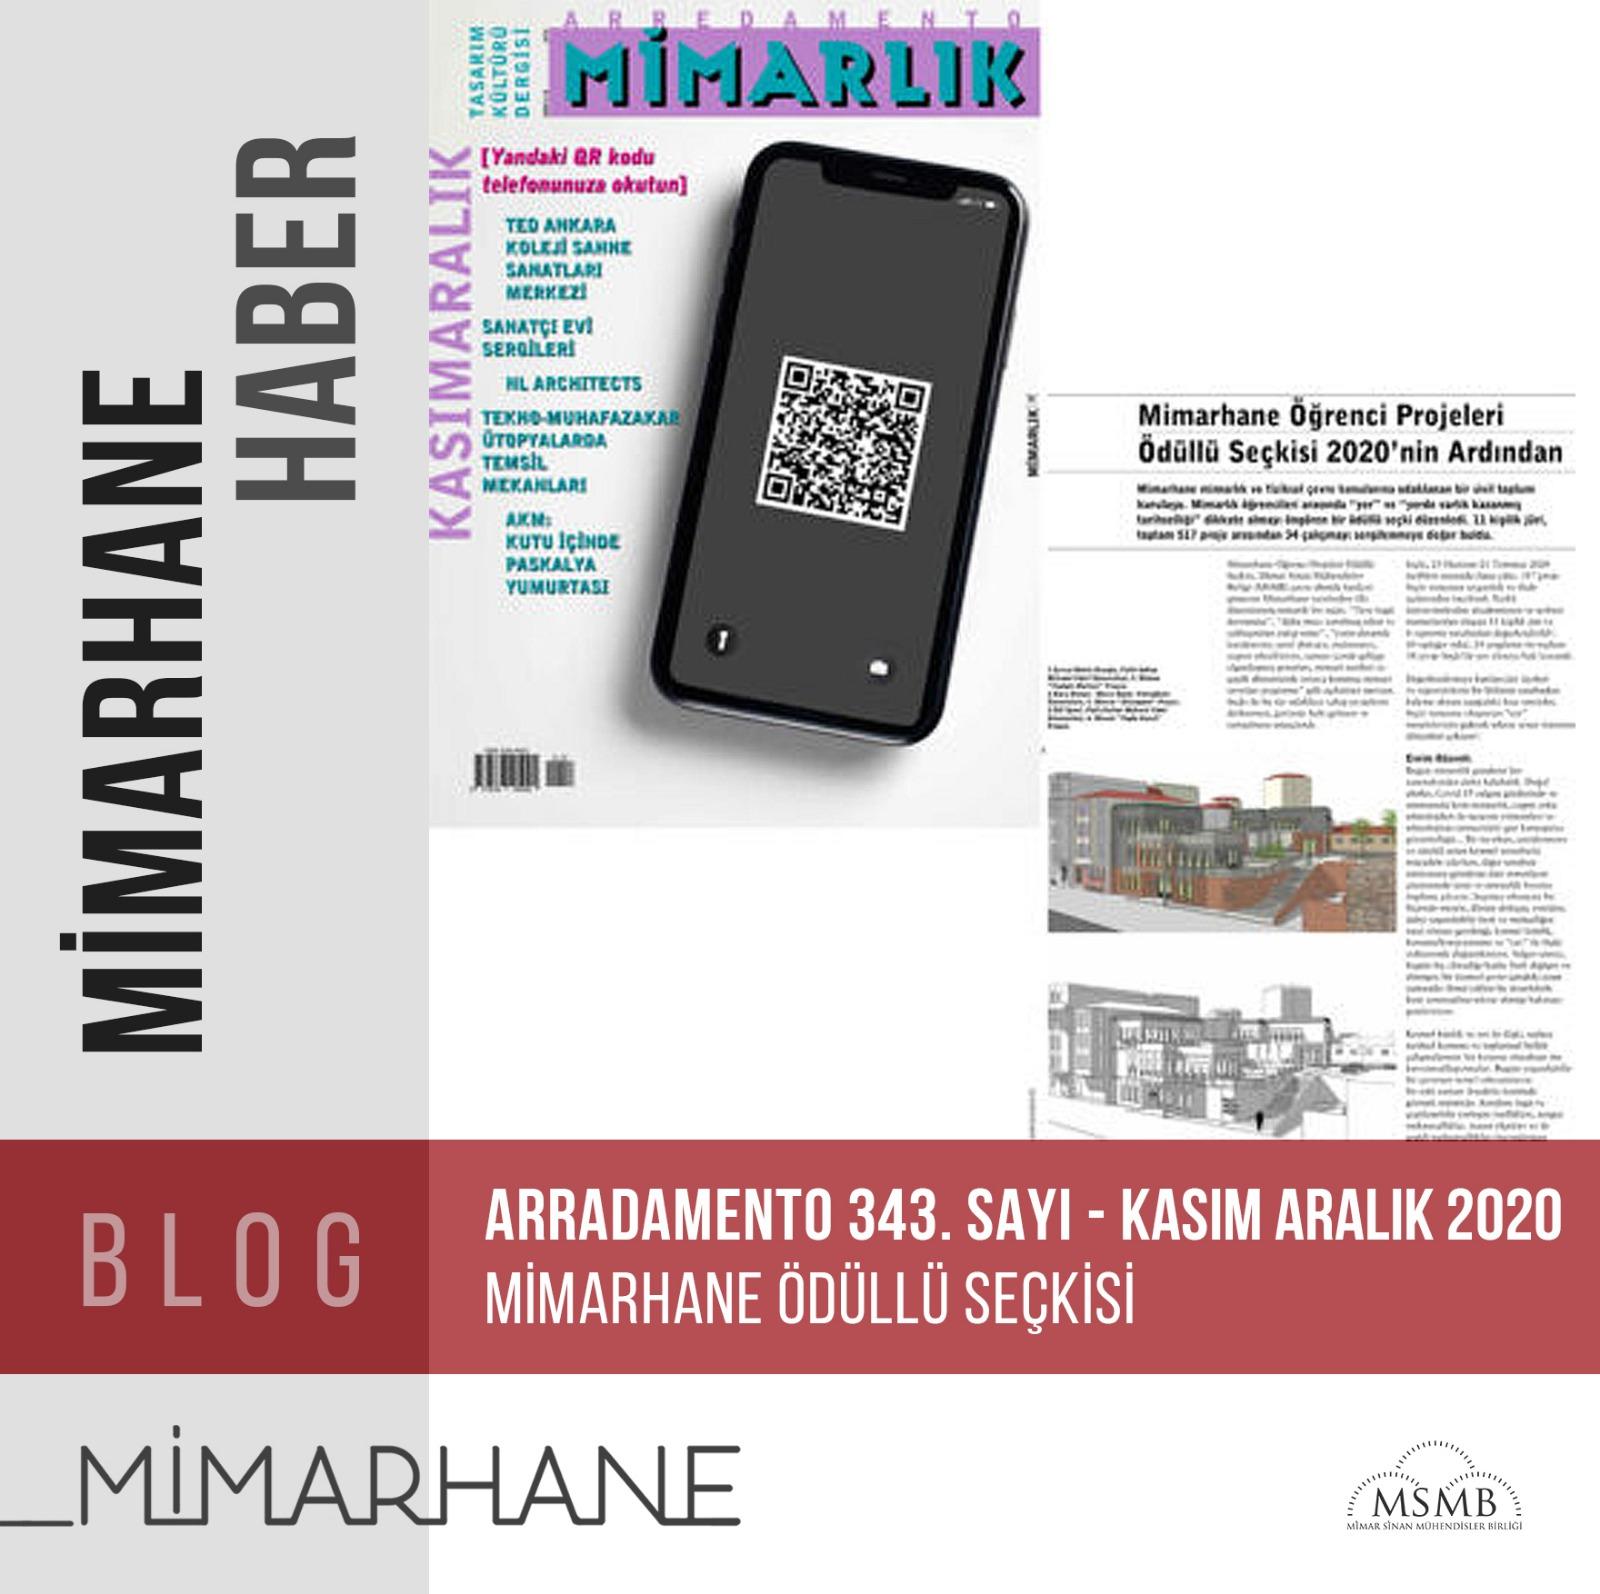 Arredamento-Kasım/Aralık 2020-343. Sayısında Mimarhane Öğrenci Projeleri Ödüllü Seçkisi Yer Aldı